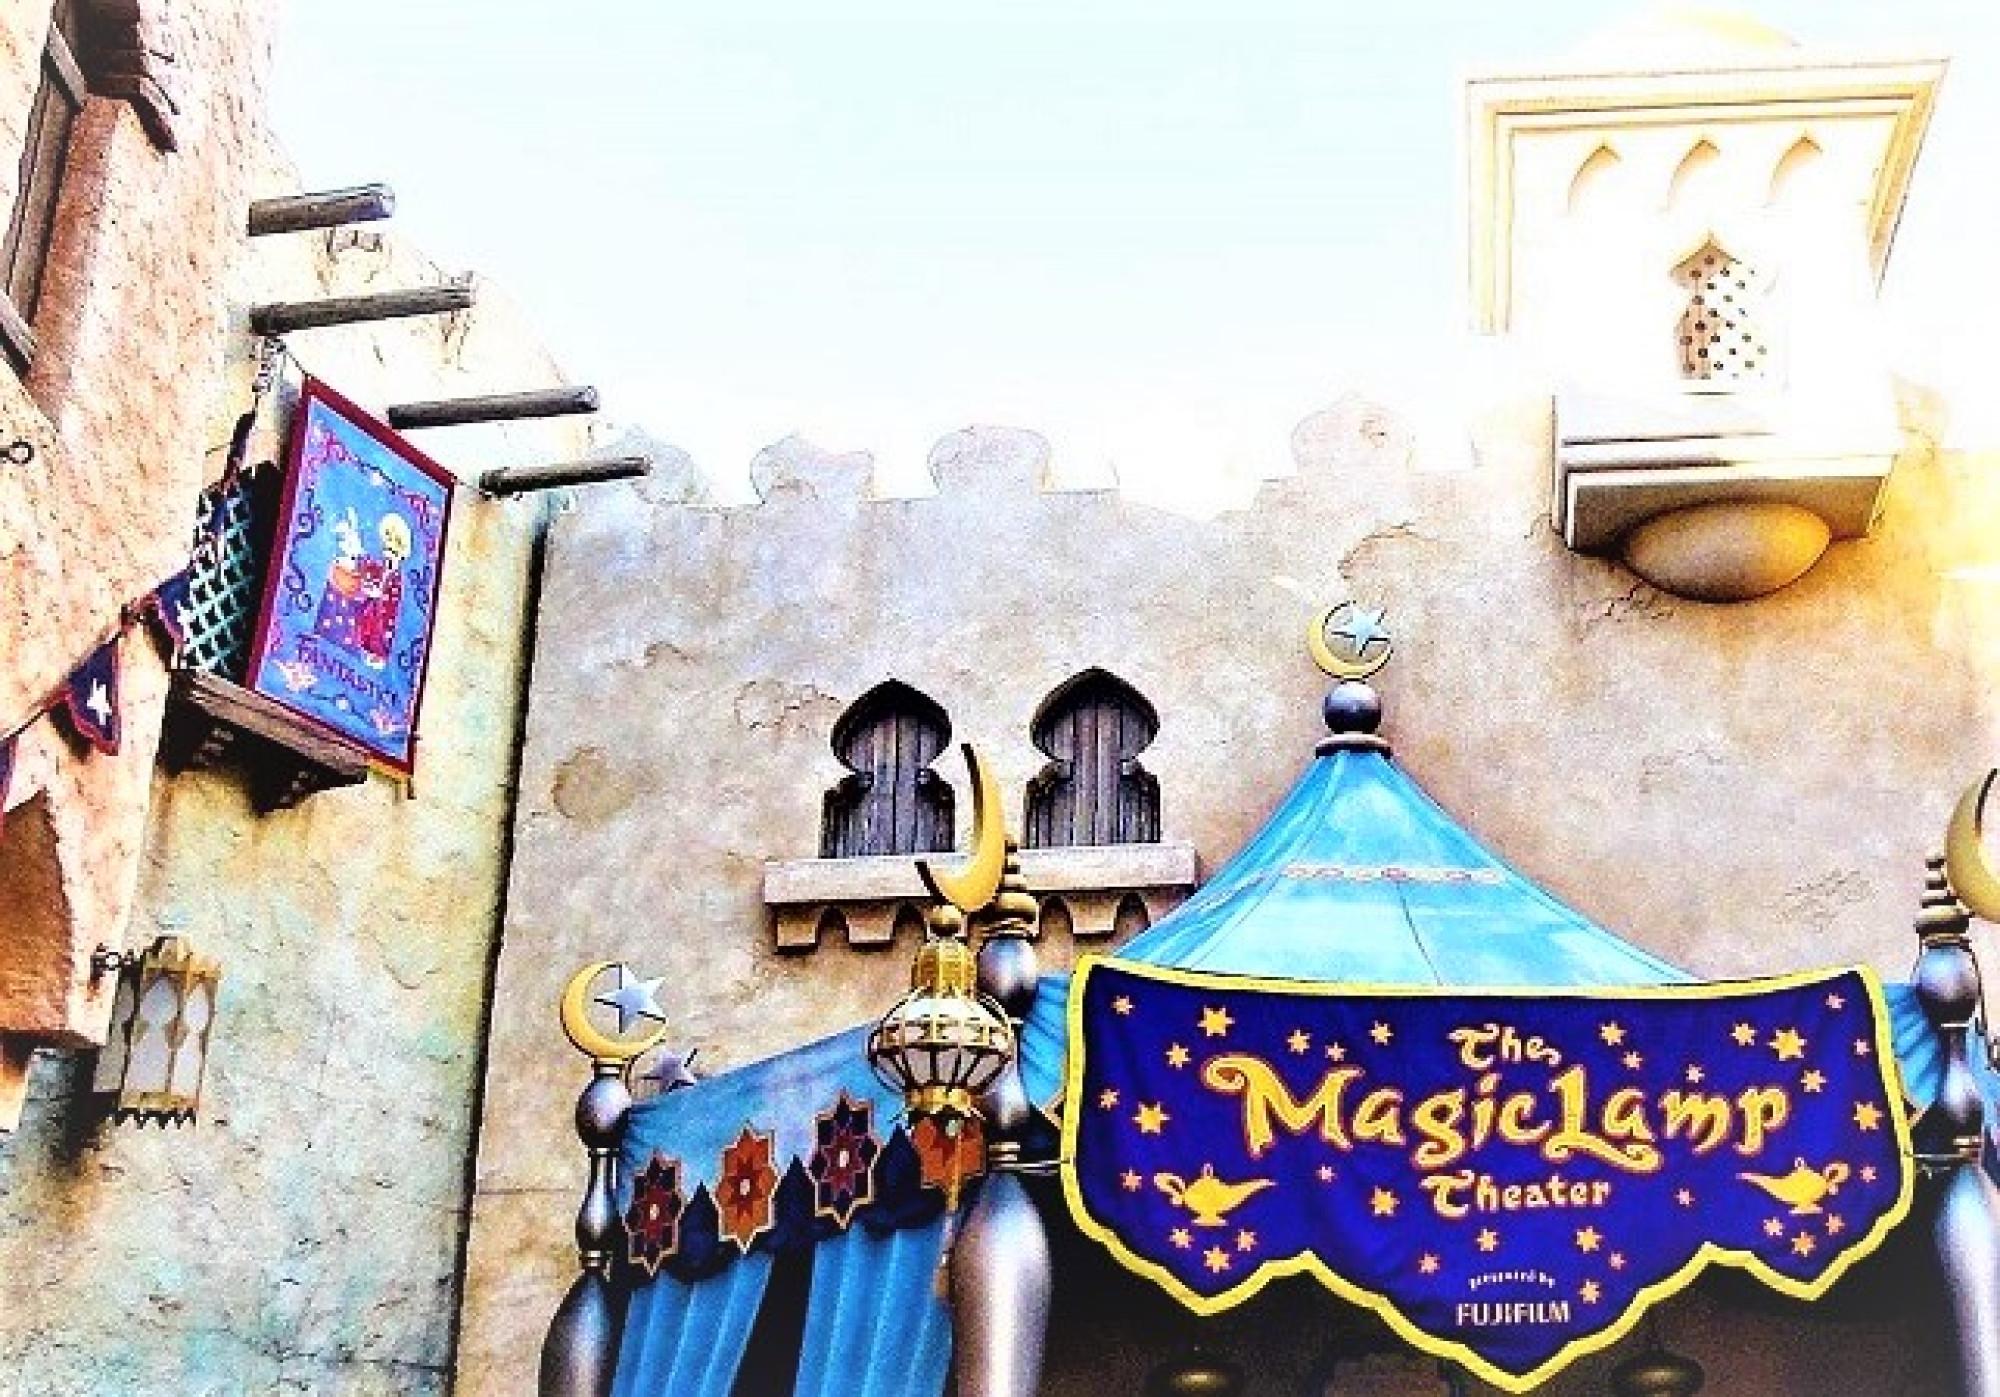 マジックランプシアター